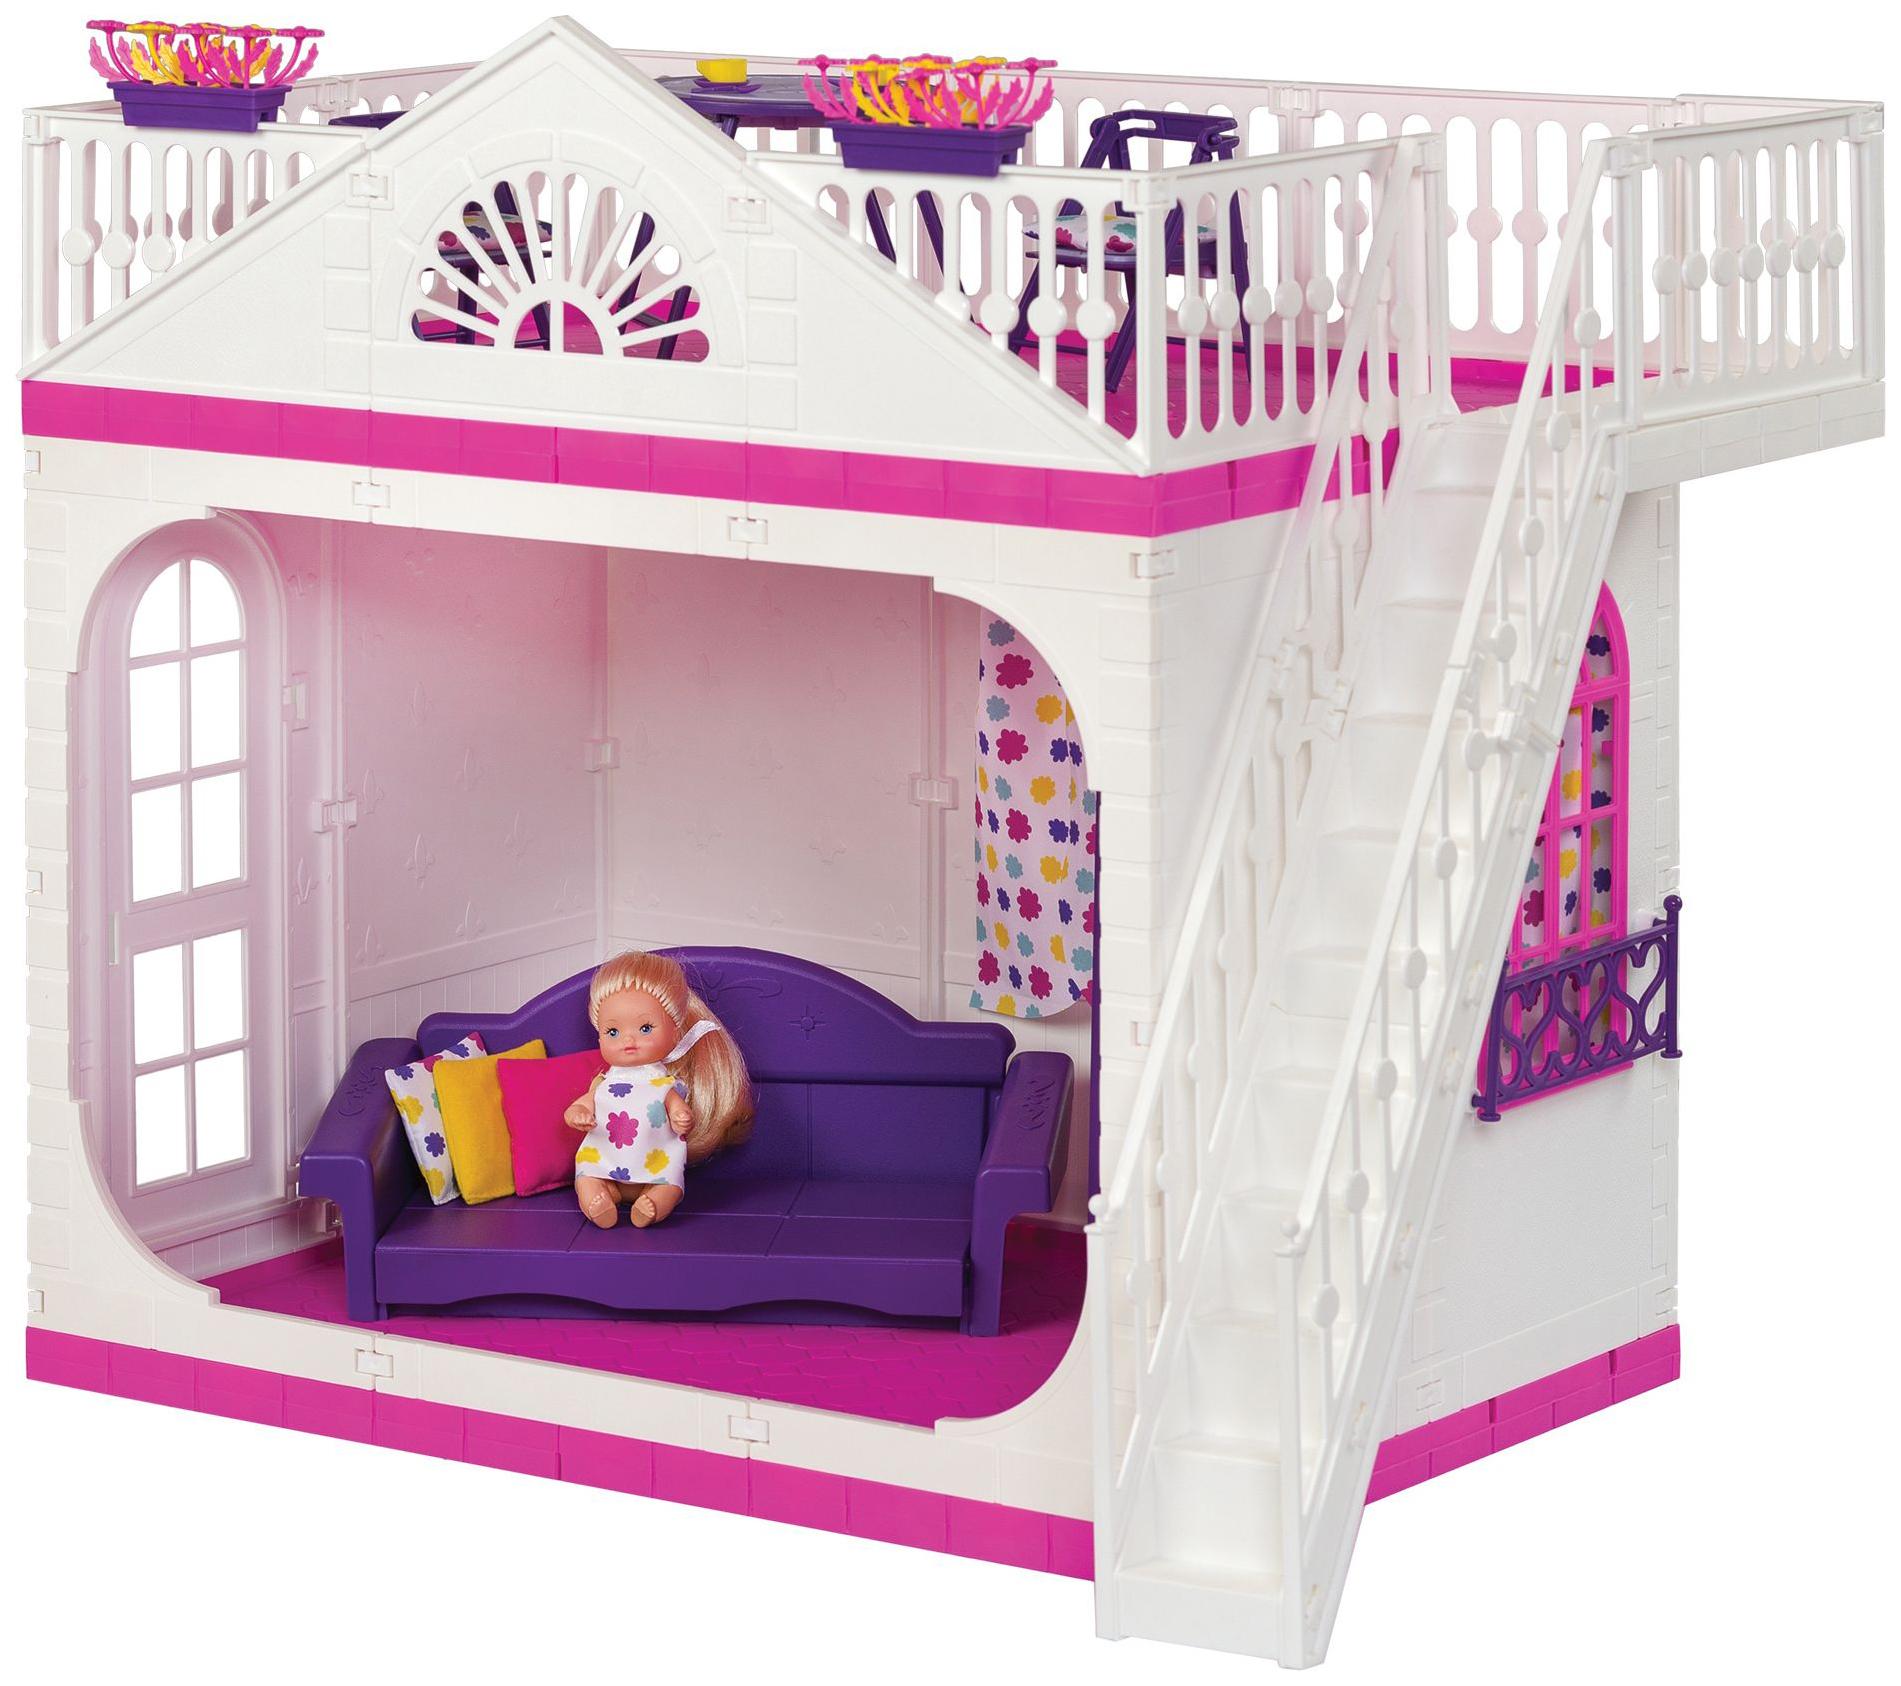 Купить Домик кукольный Огонек Зефир С-1404, Кукольные домики